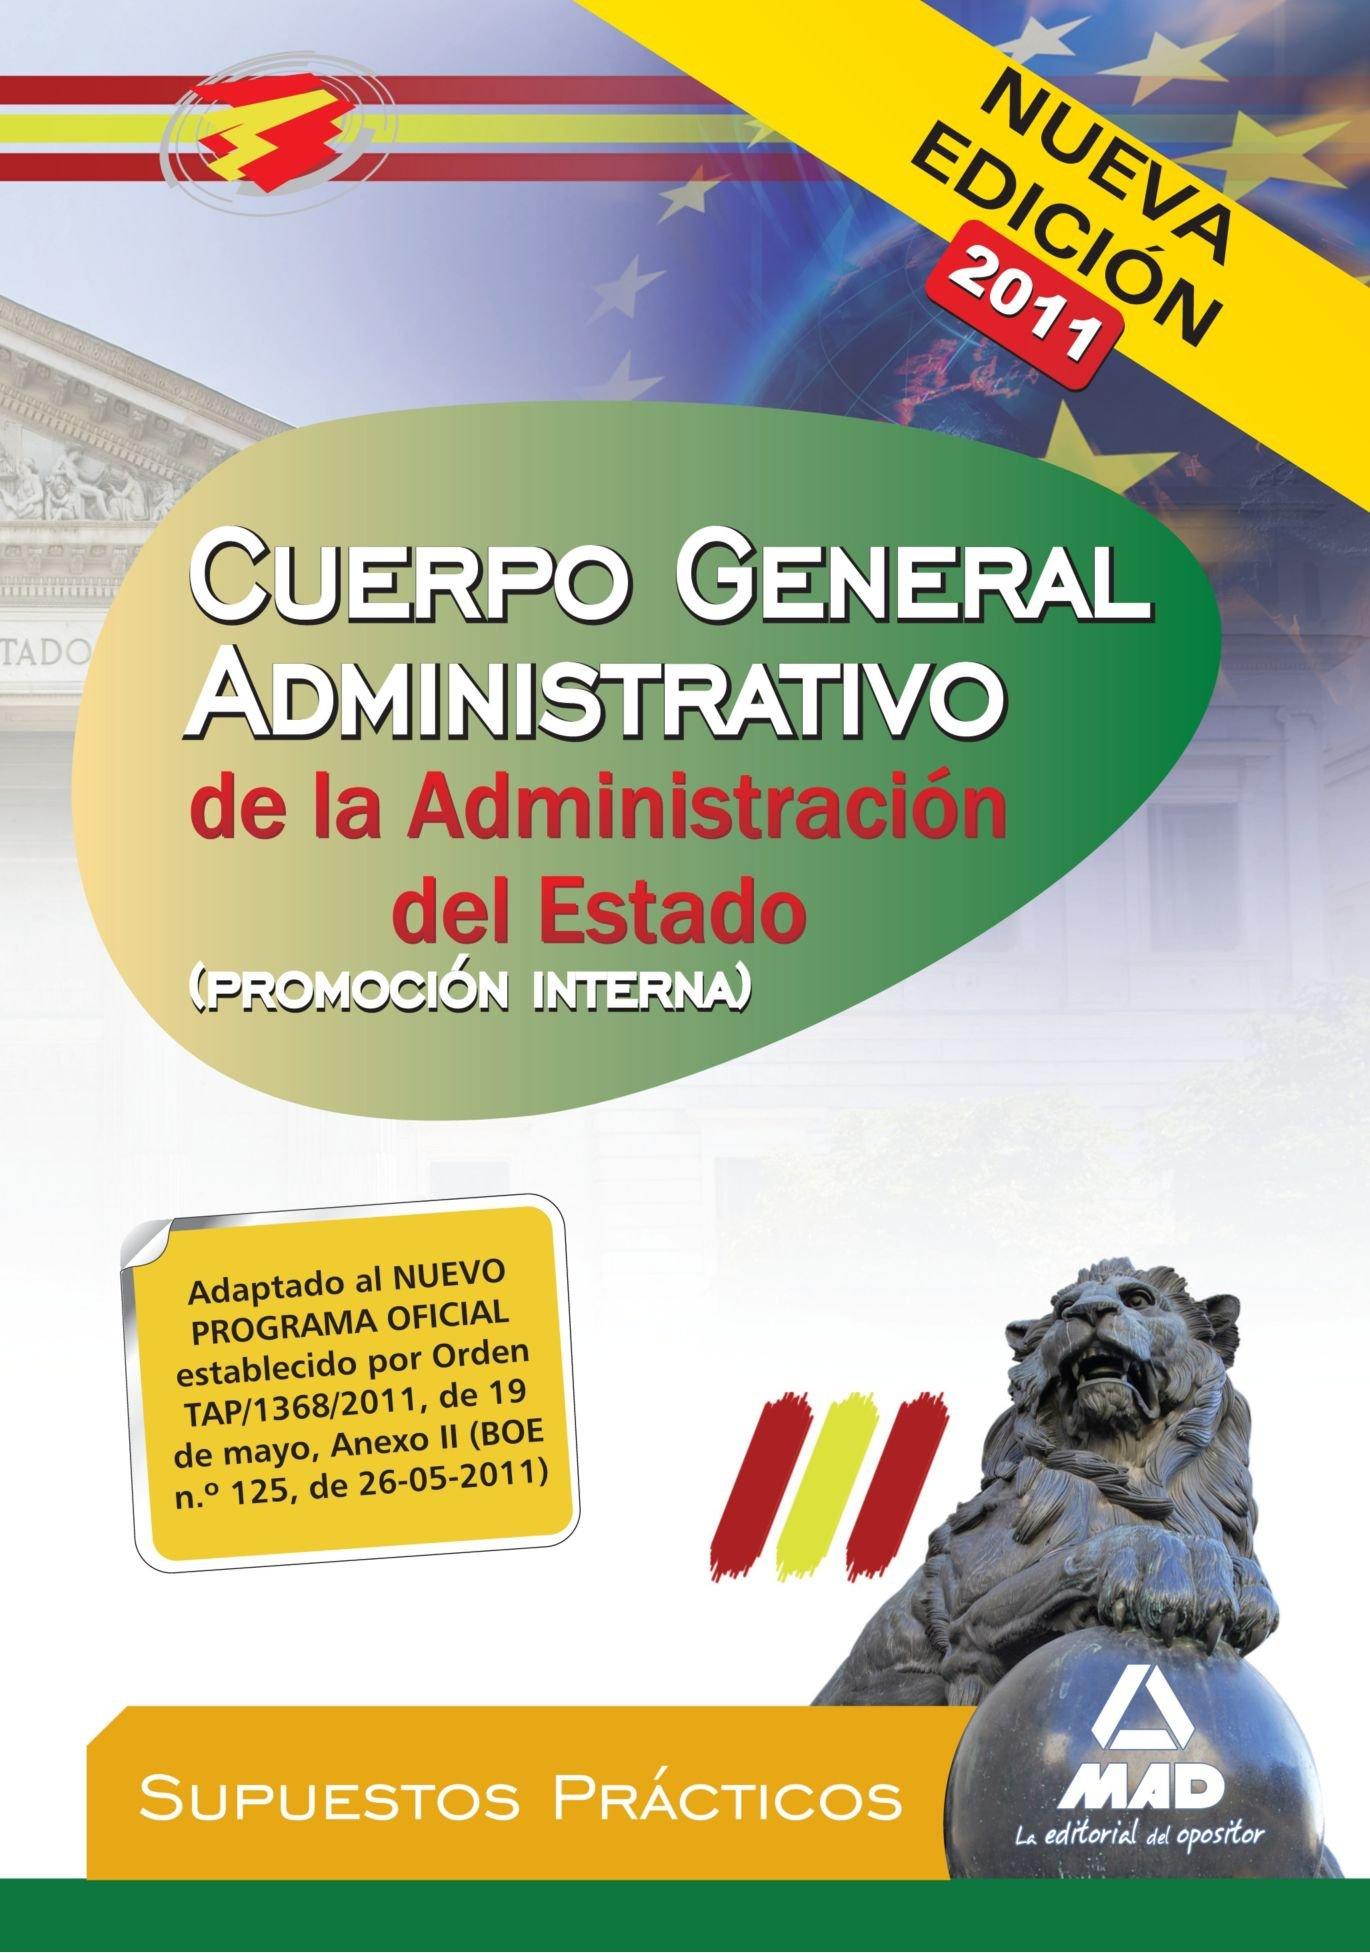 Download Cuerpo General Administrativo de la Administración del Estado (Promoción interna). Supuestos prácticos (Spanish Edition) pdf epub